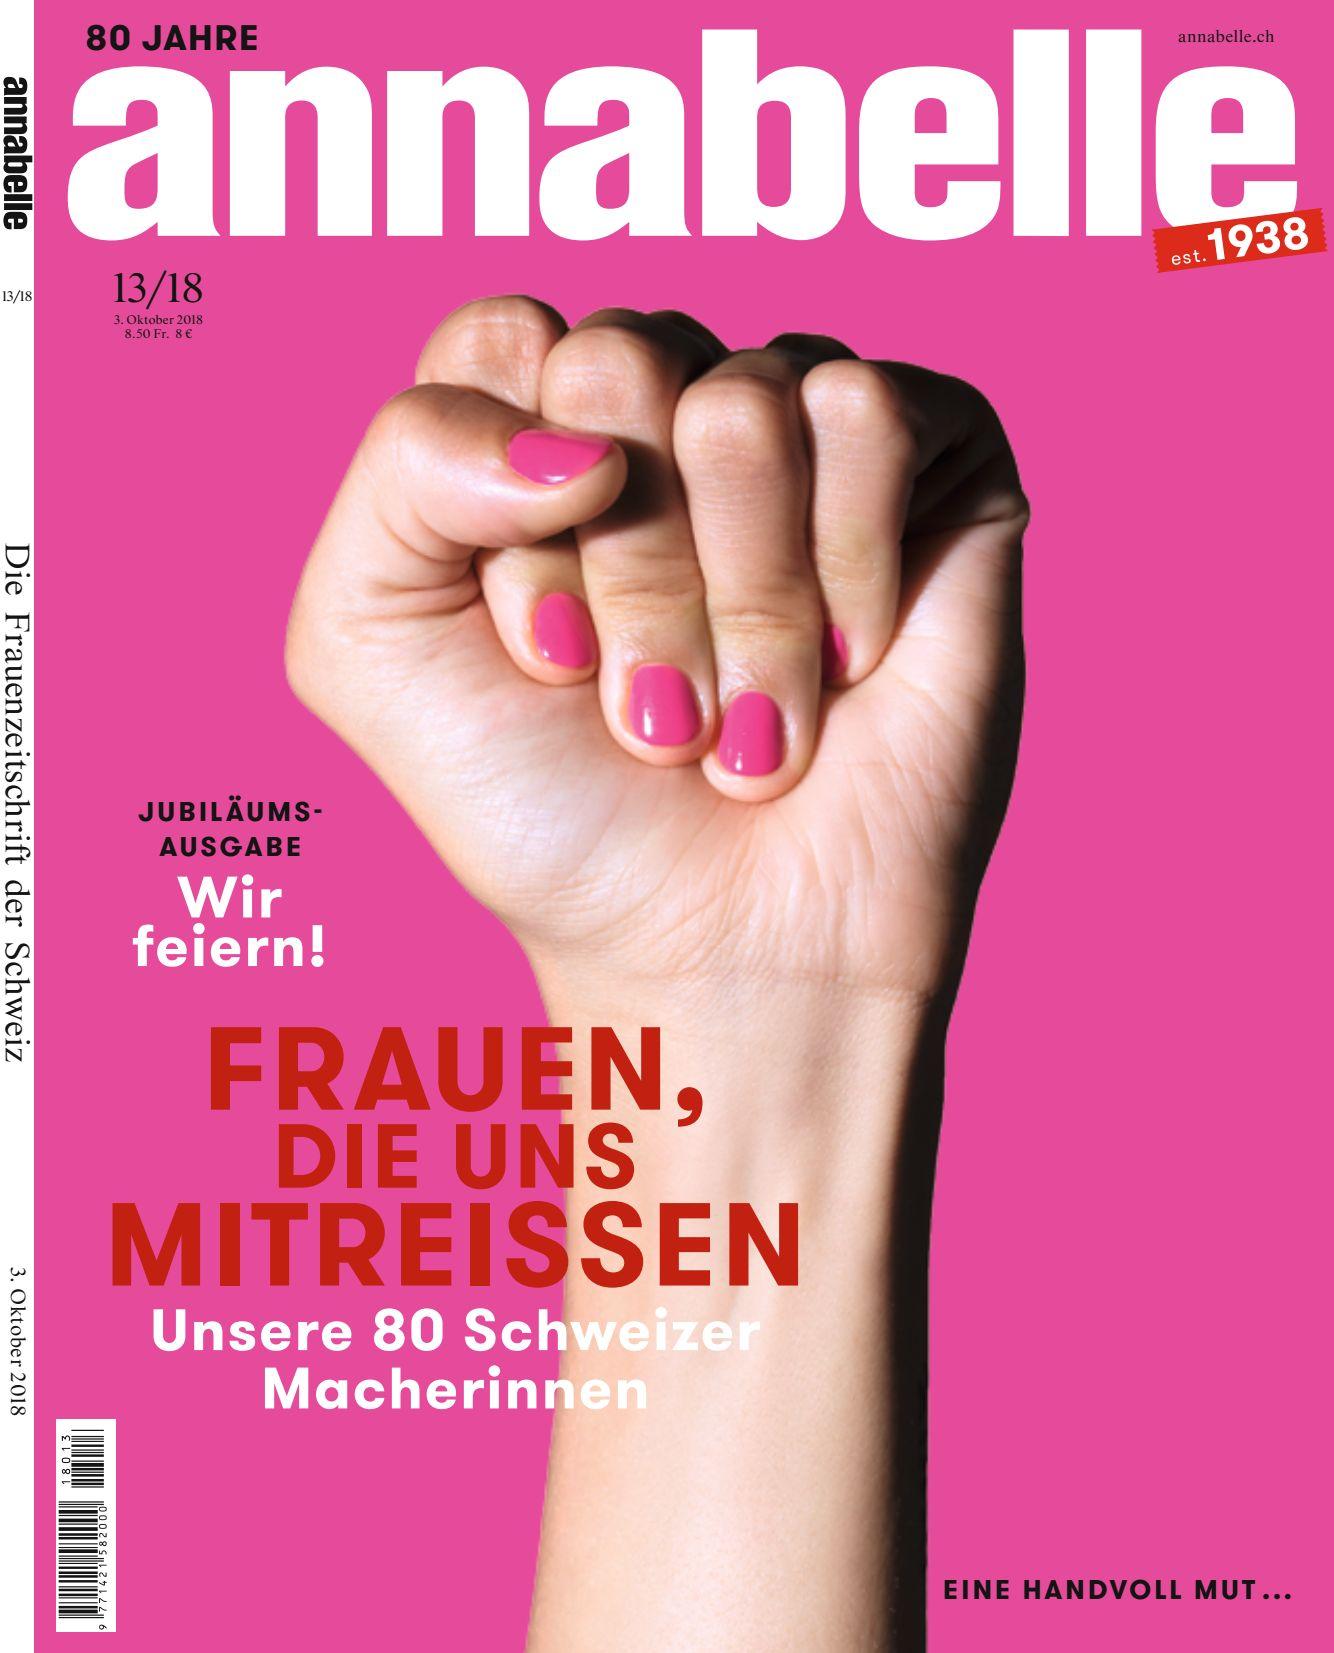 annabelle – 13/18